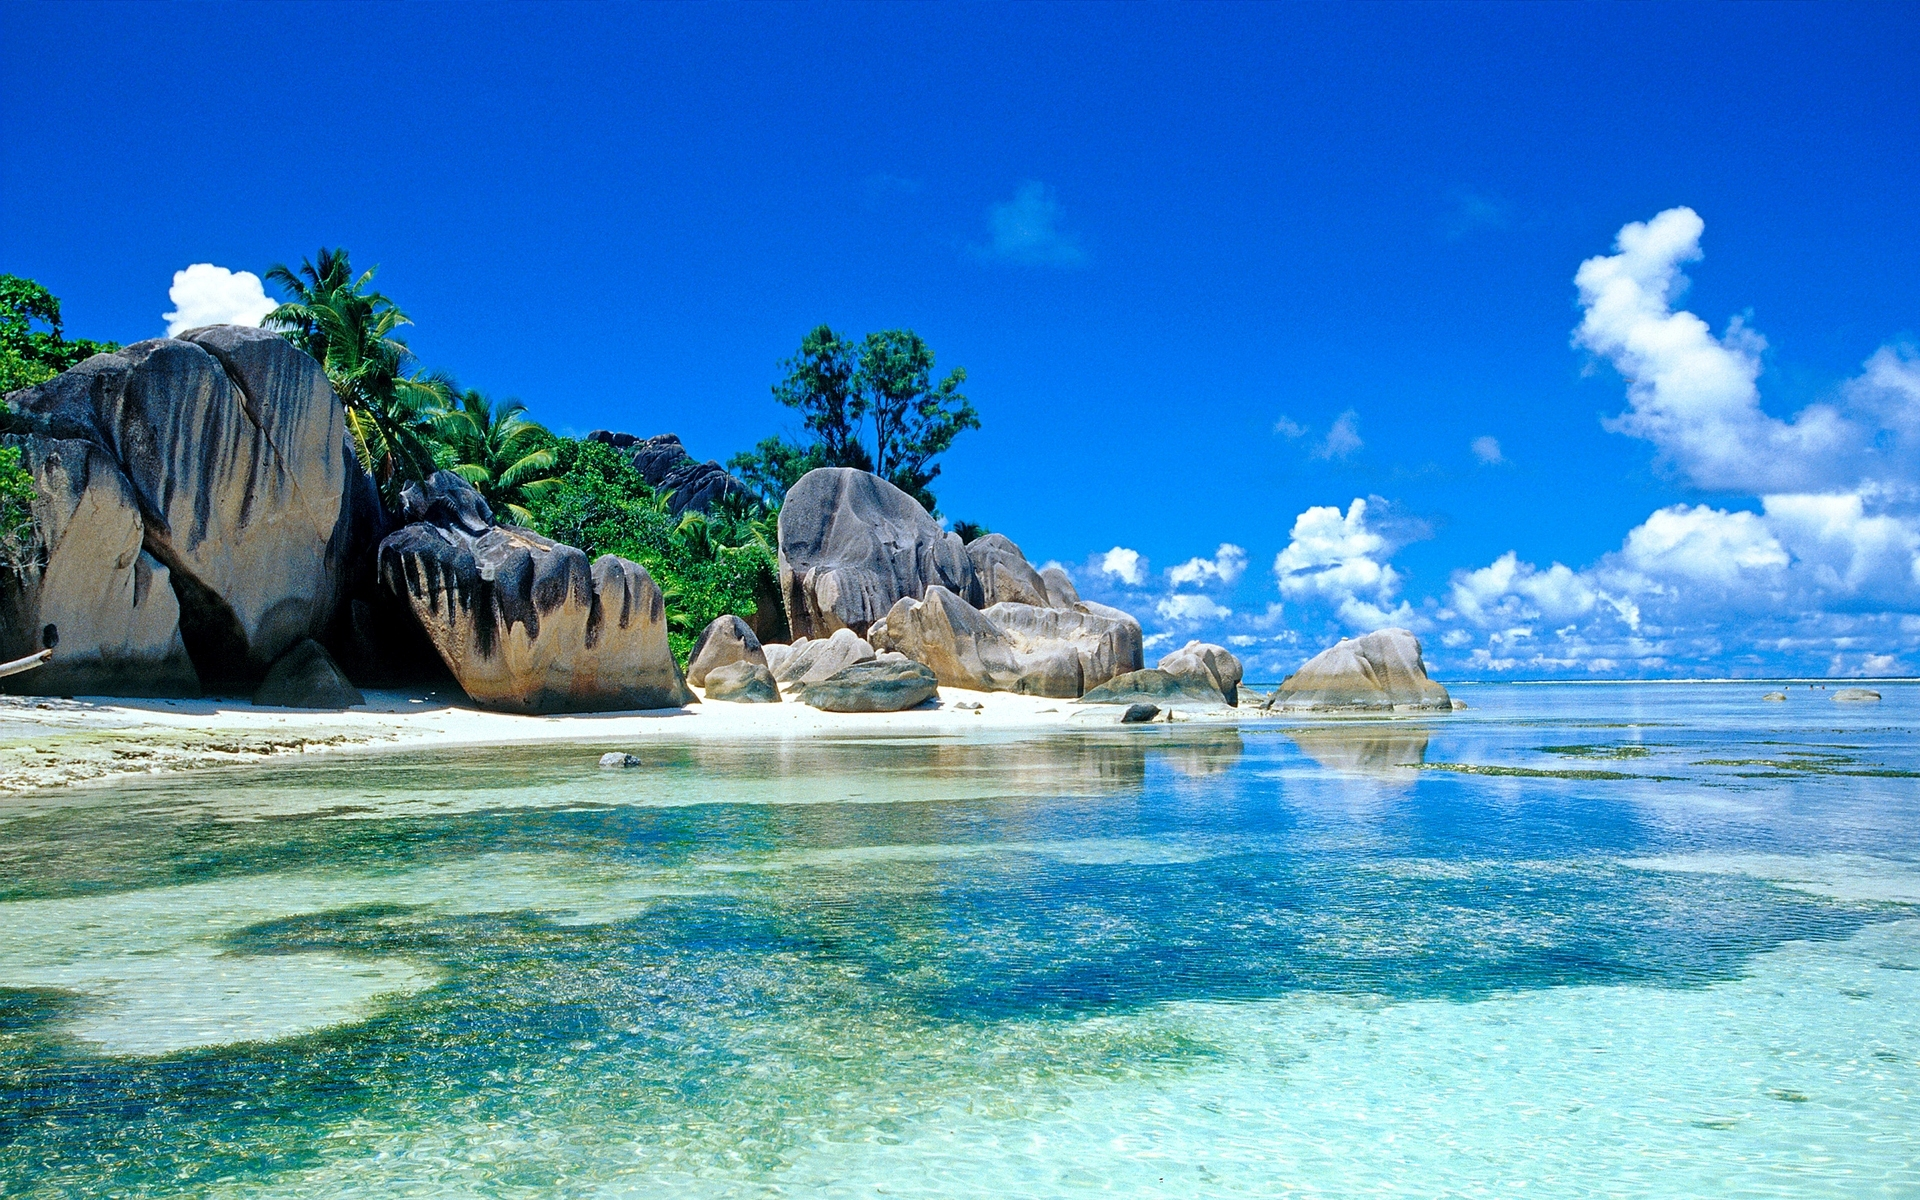 ТОП 10 самых лучших островов мира